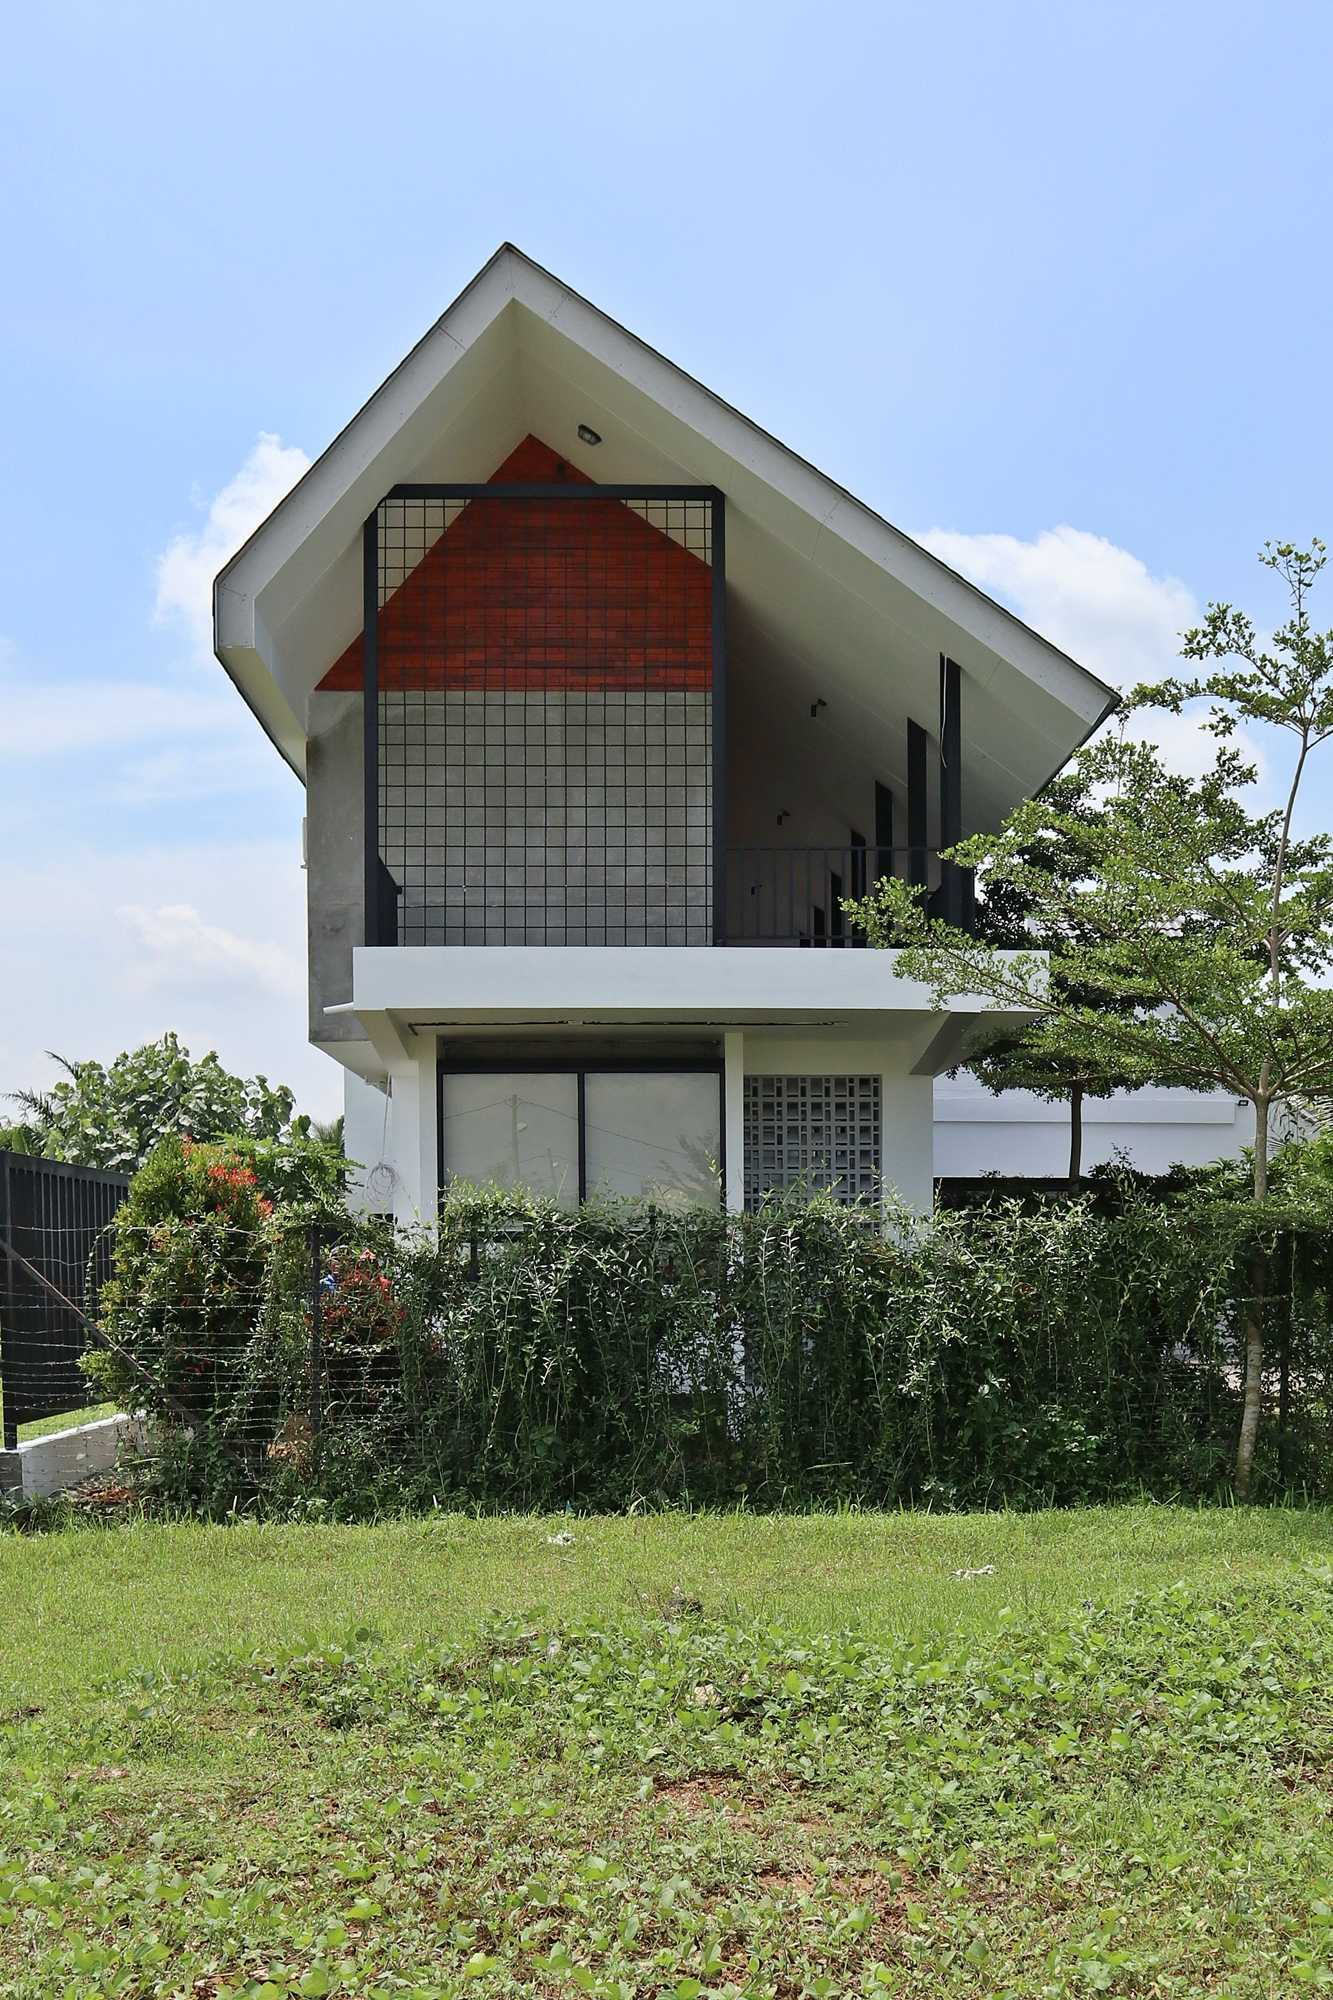 Bd Studio Je Villa House Medan, Kota Medan, Sumatera Utara, Indonesia Medan, Kota Medan, Sumatera Utara, Indonesia Bd-Studio-Je-Villa-House   74112